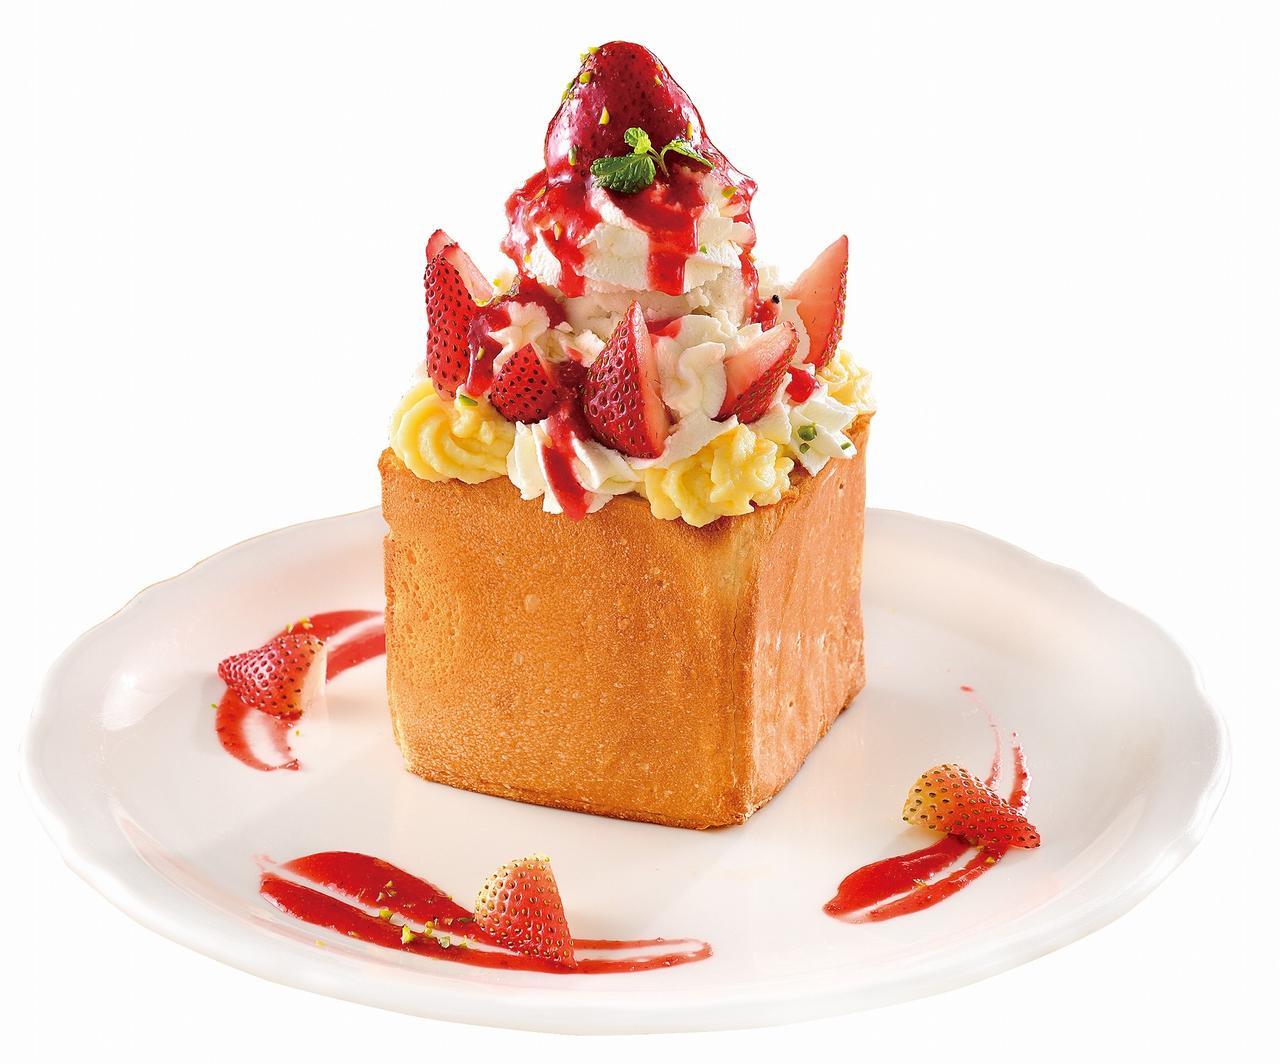 画像: 甘酸っぱいイチゴがたっぷり!『ストロベリーラブ』 ¥1580